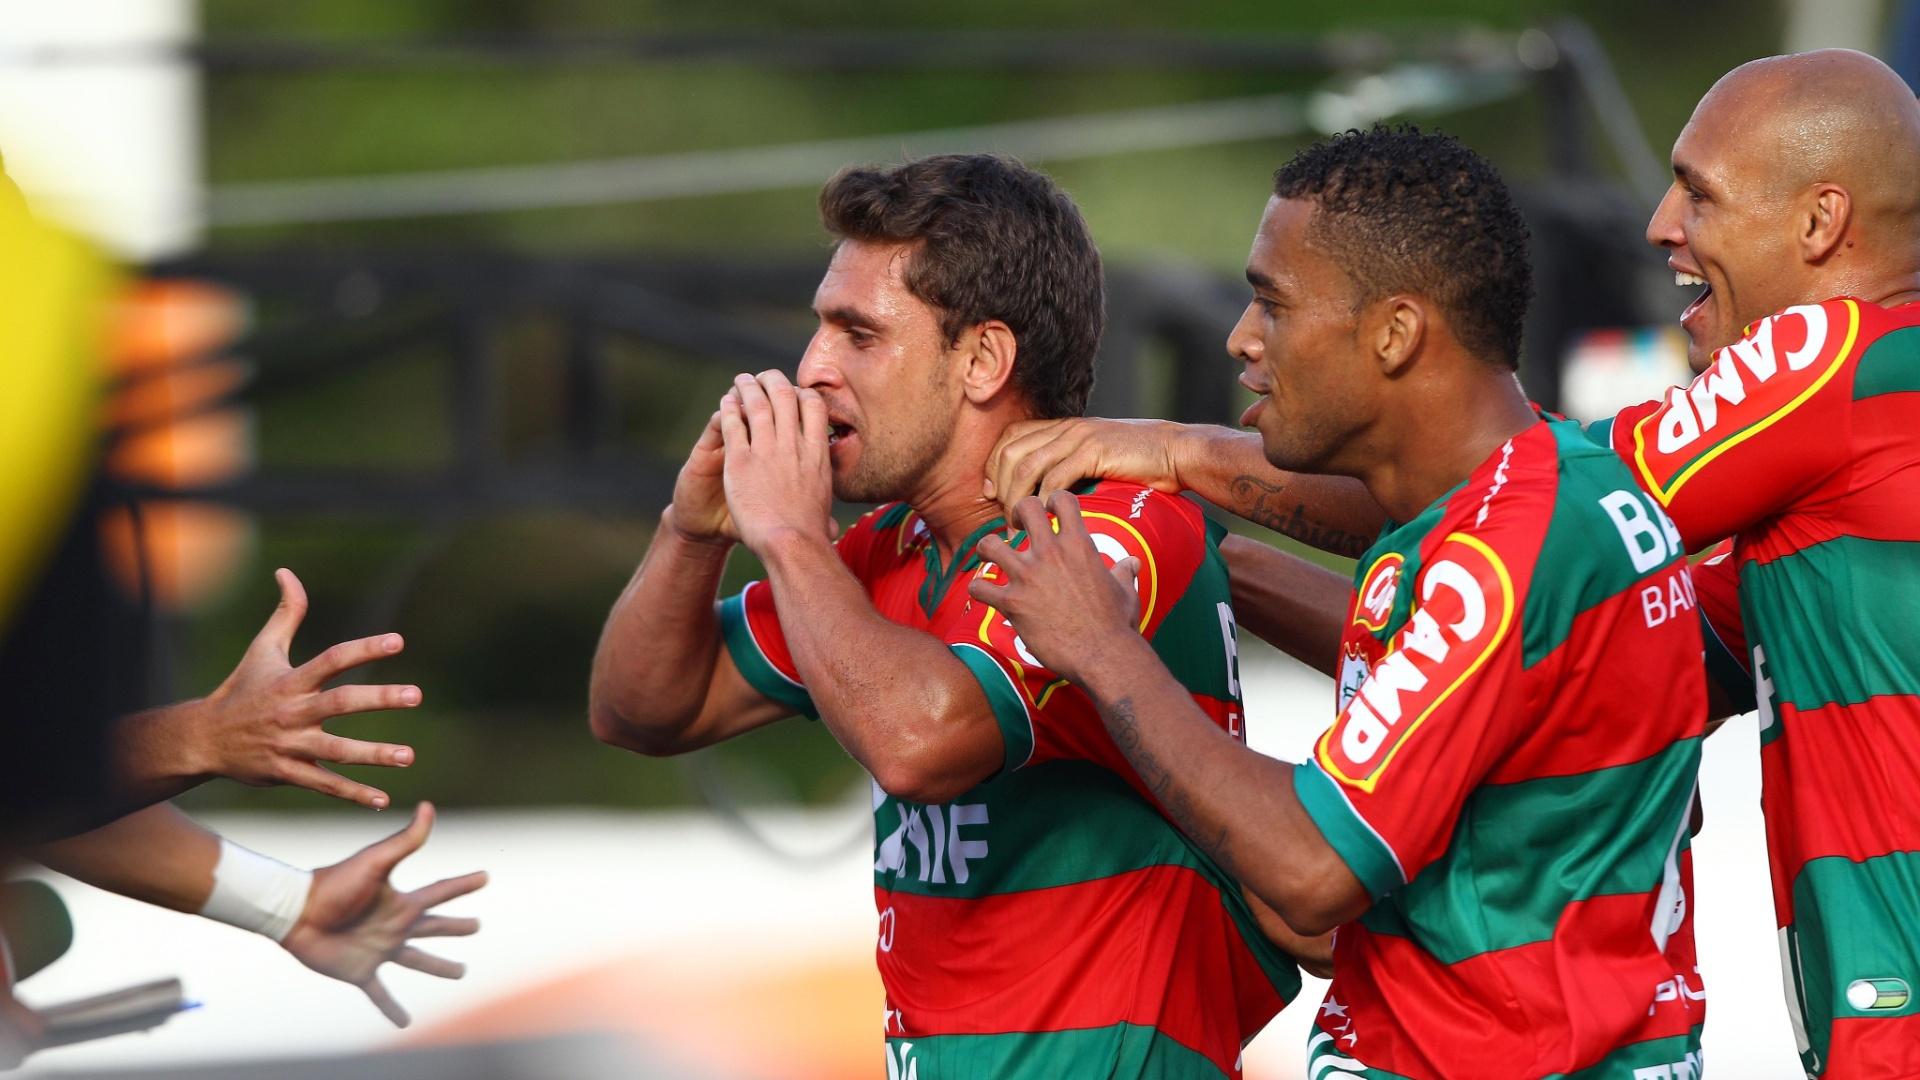 Ivo comemora o terceiro gol da Portuguesa contra o Americana, pela Série B